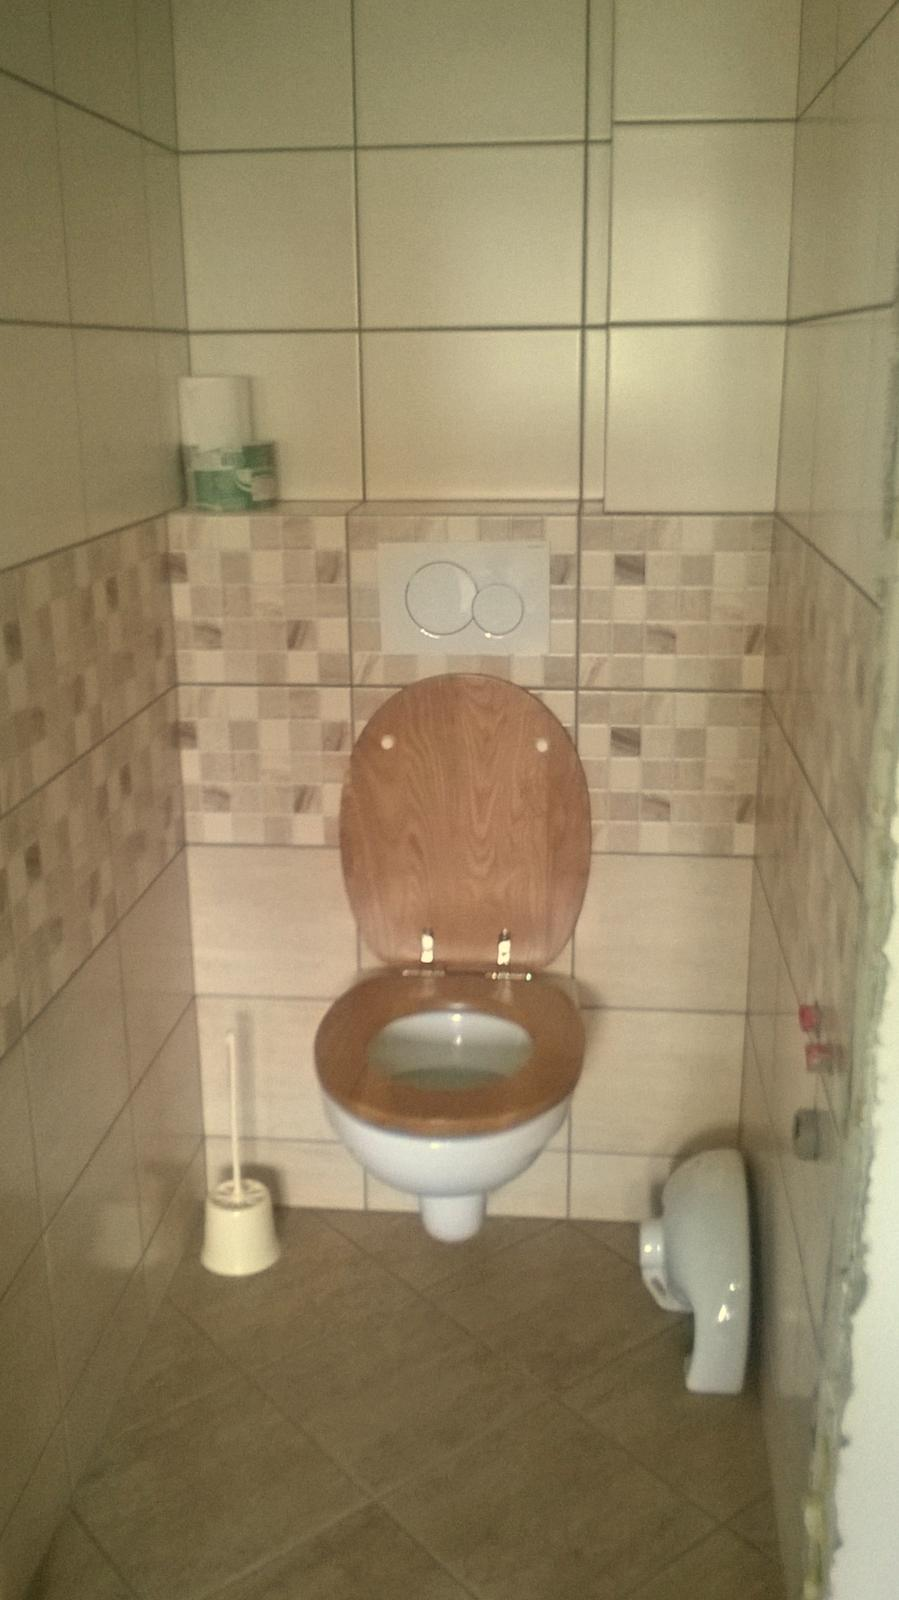 Stavba pasivního domu - Konečně si můžeme dojít na wc jako civilizovaní lidé.